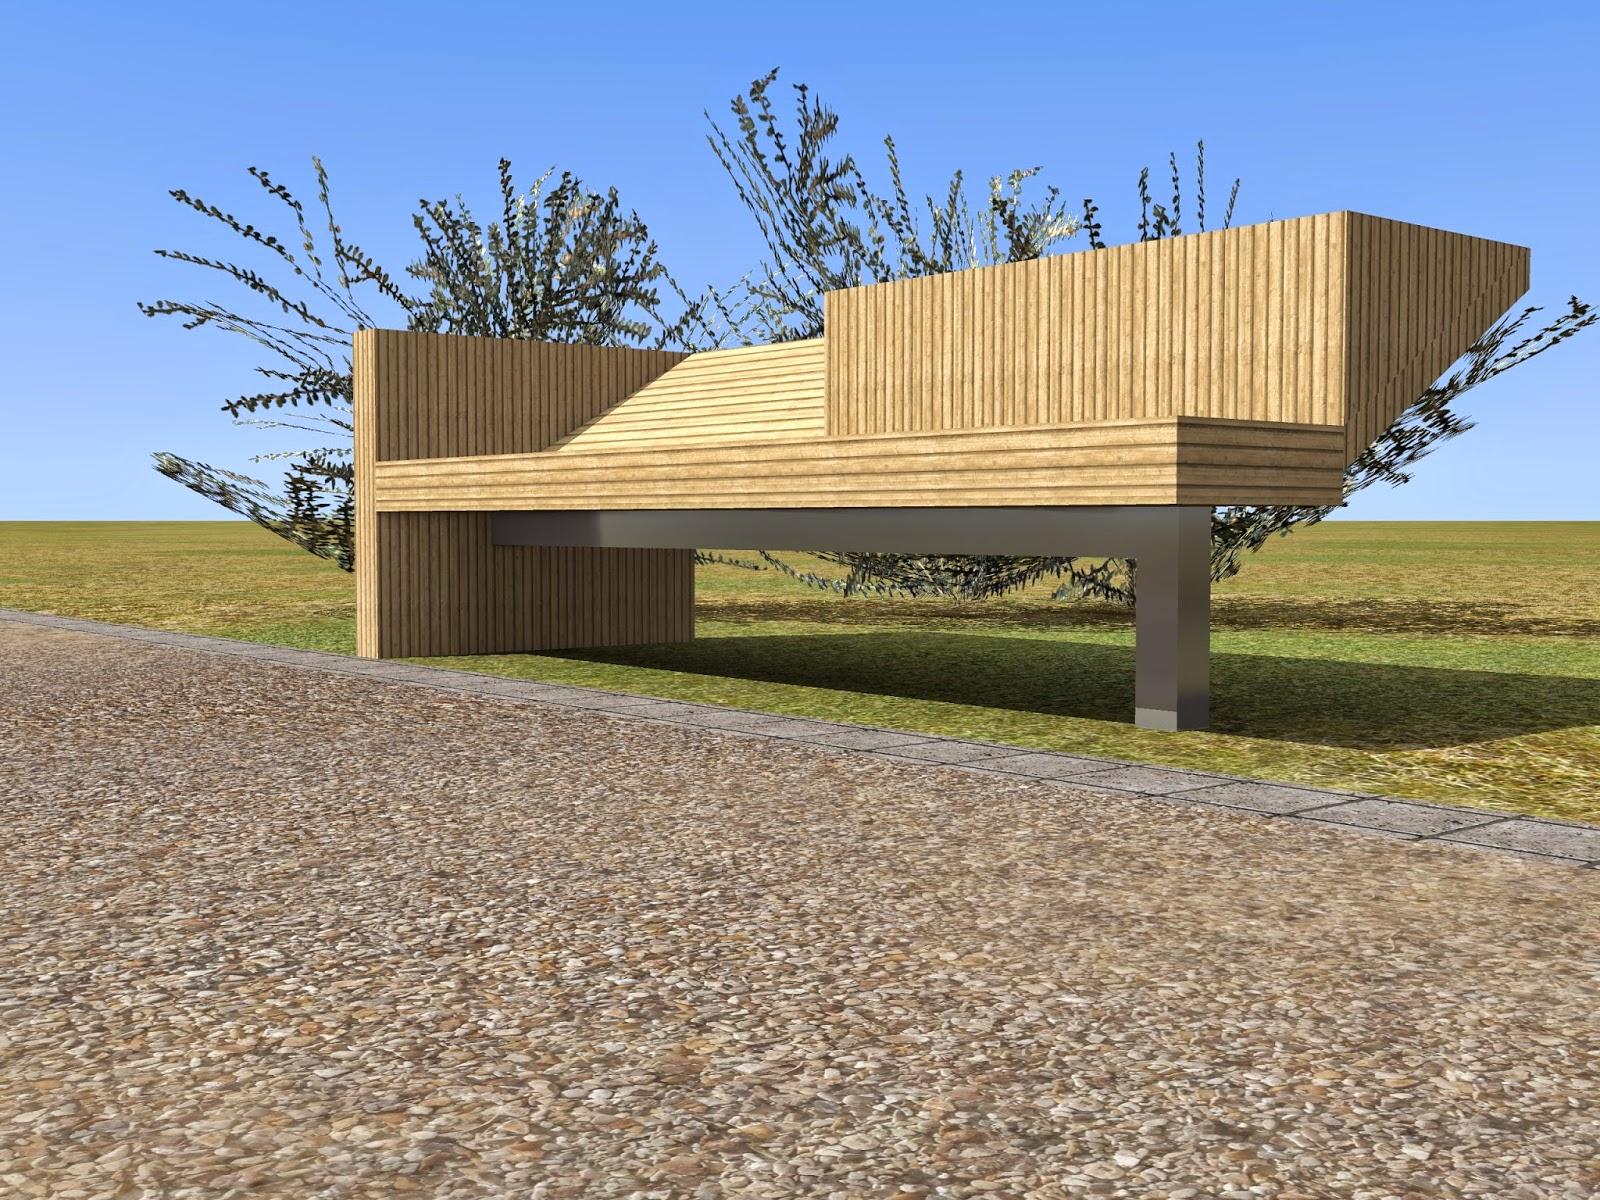 Banc mobilier urbain kez architecte maison bois paris for Architecture en bois